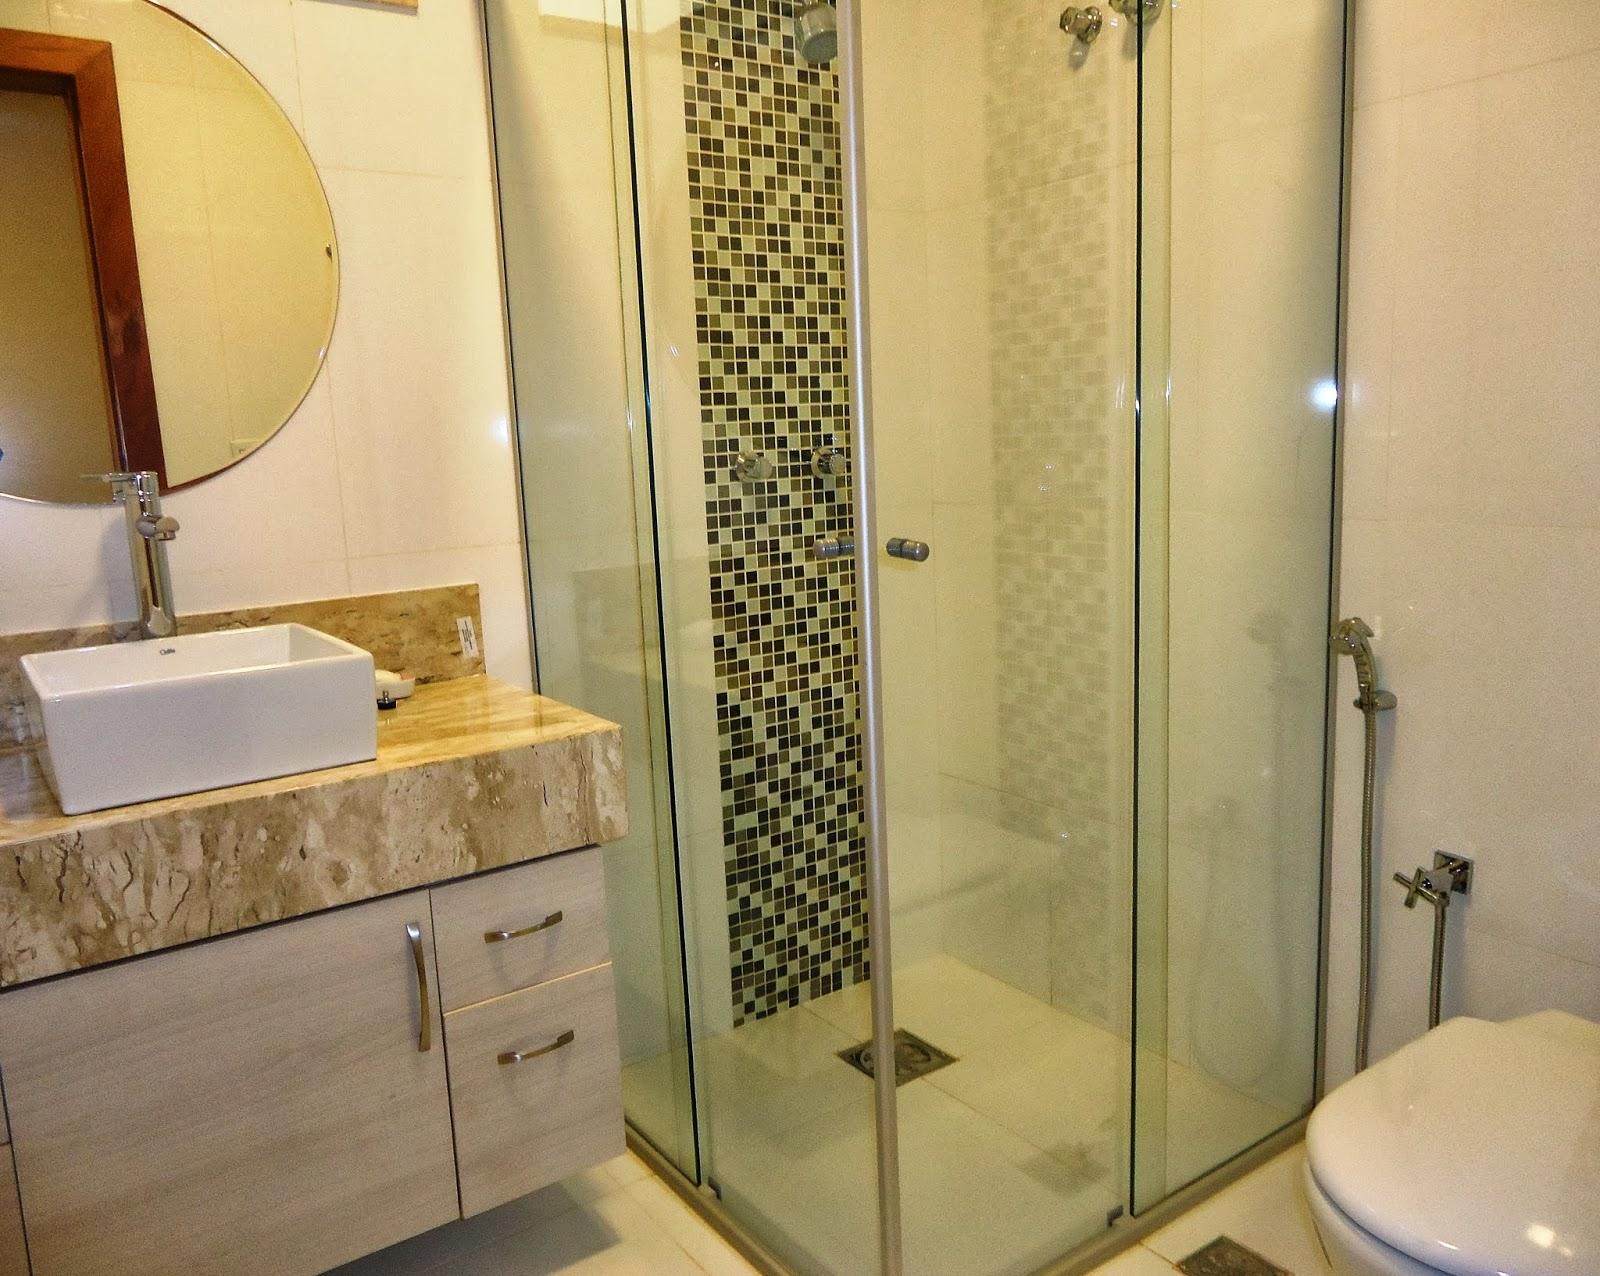 Detalhes dos revestimentos em pastilha: Banheiro Suíte 2 #AA7D21 1600x1276 Banheiro Com Revestimento Pastilhas